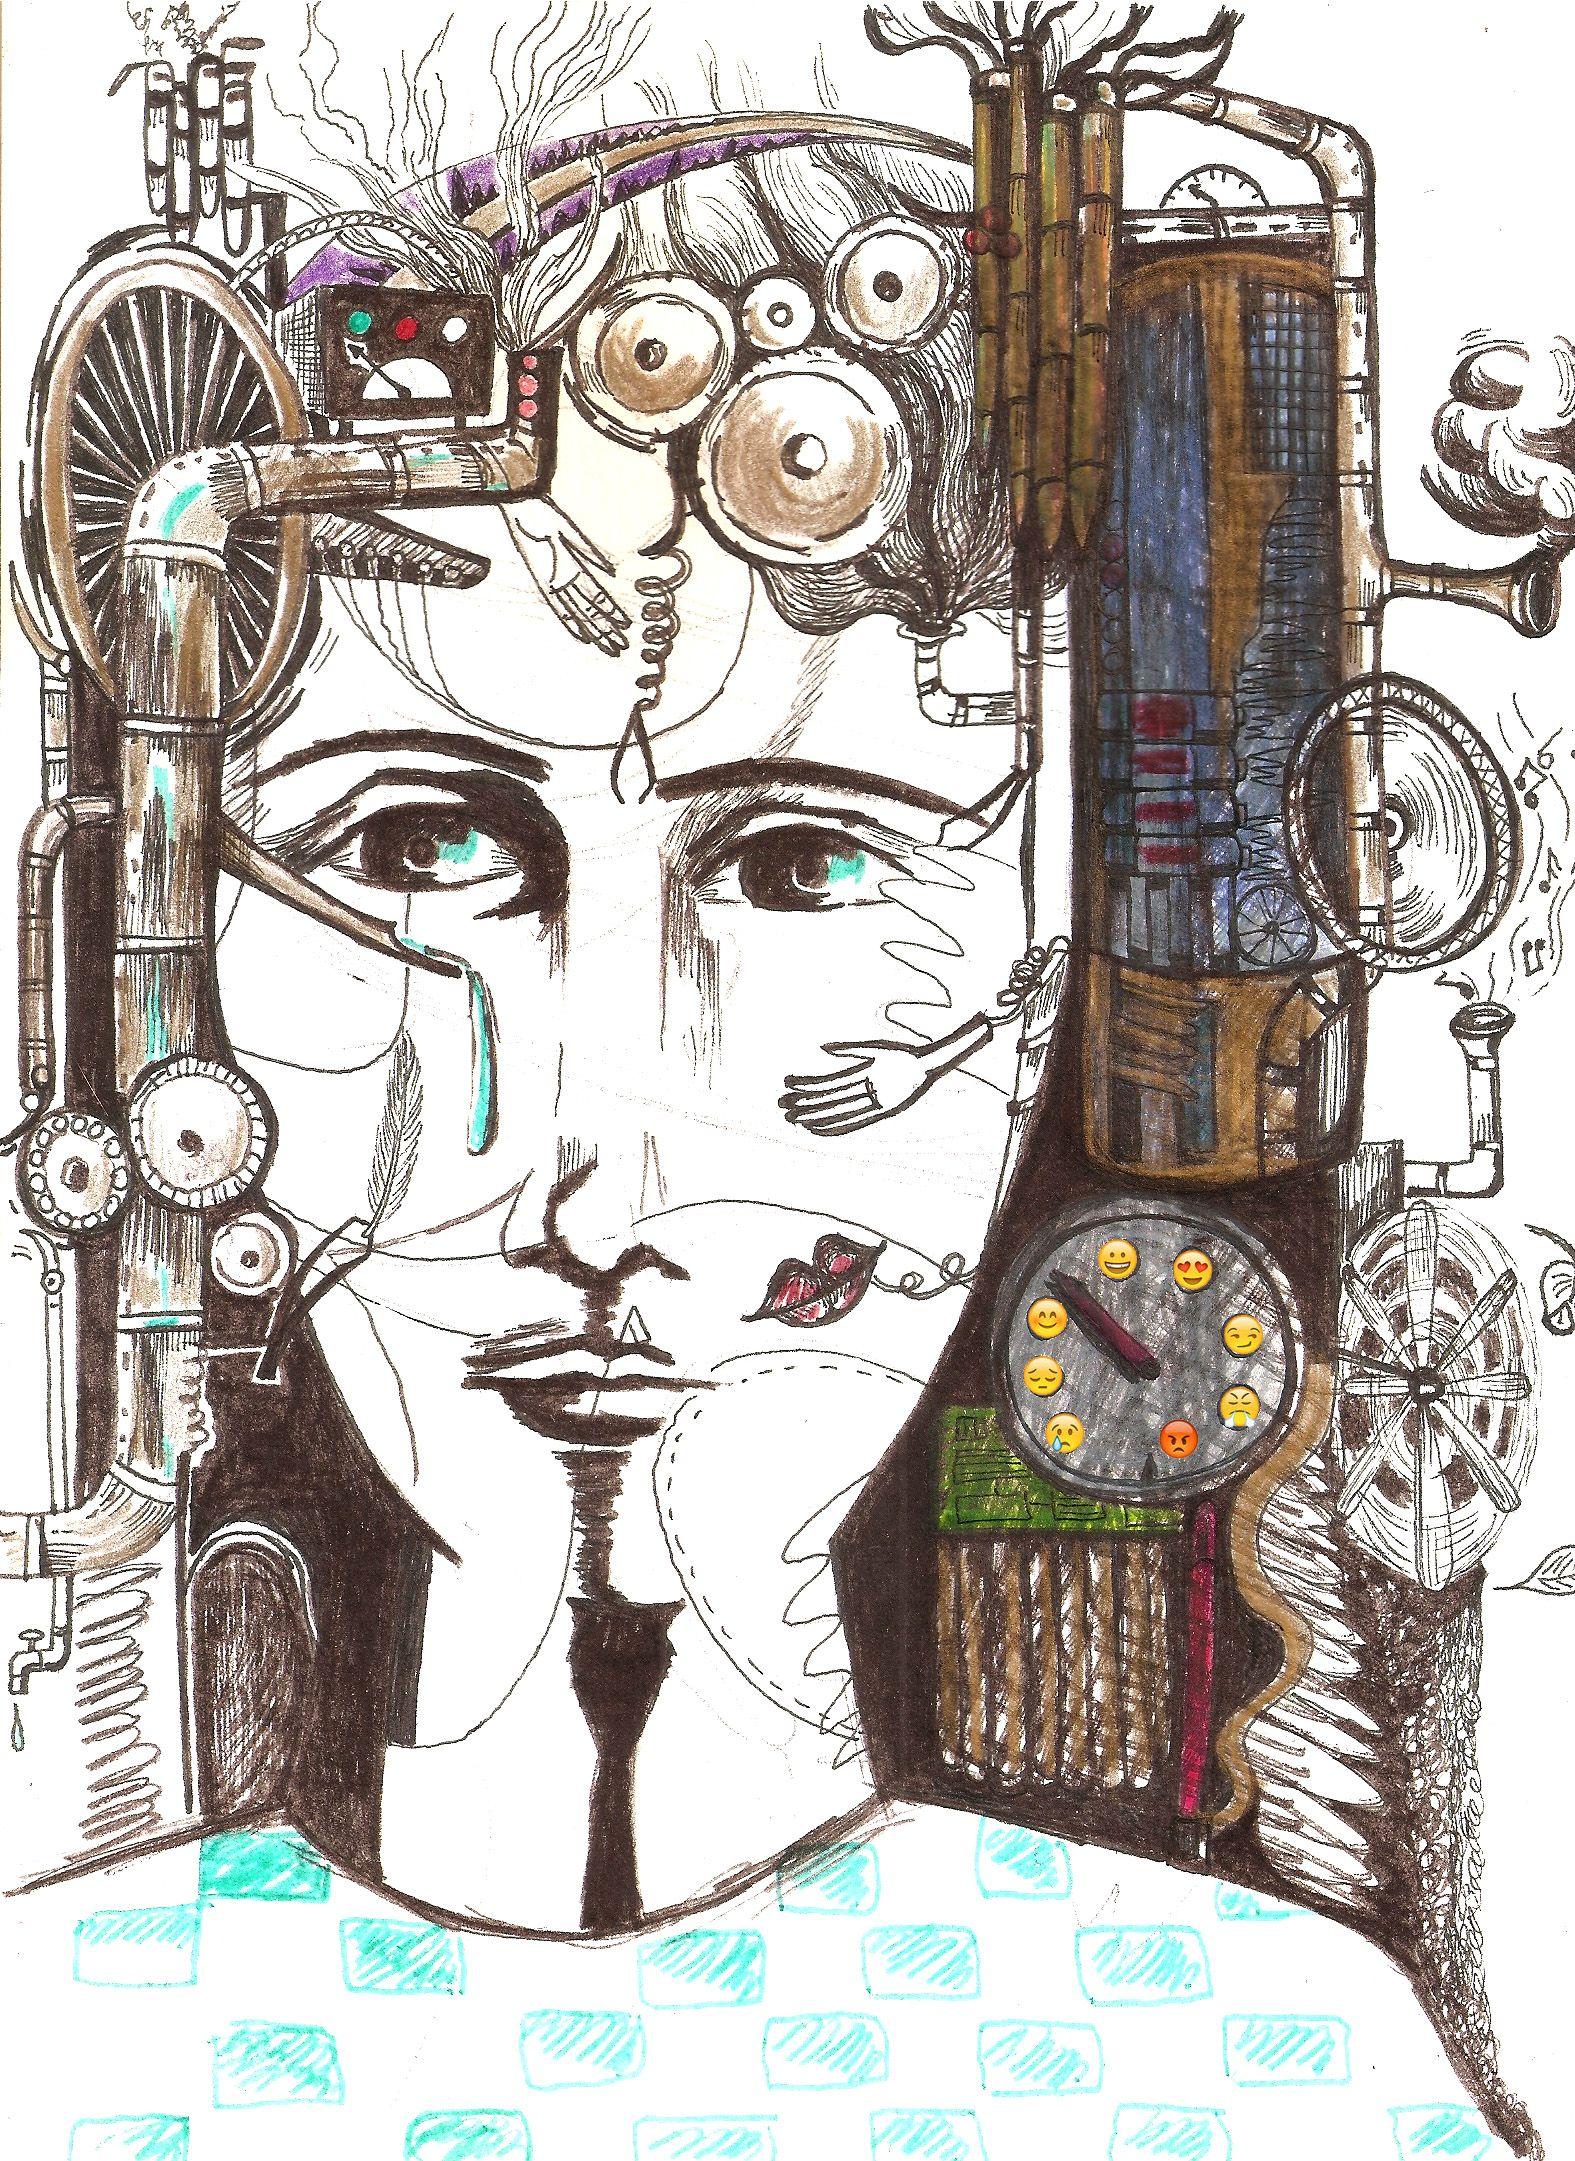 La máquina de generar sentimientos